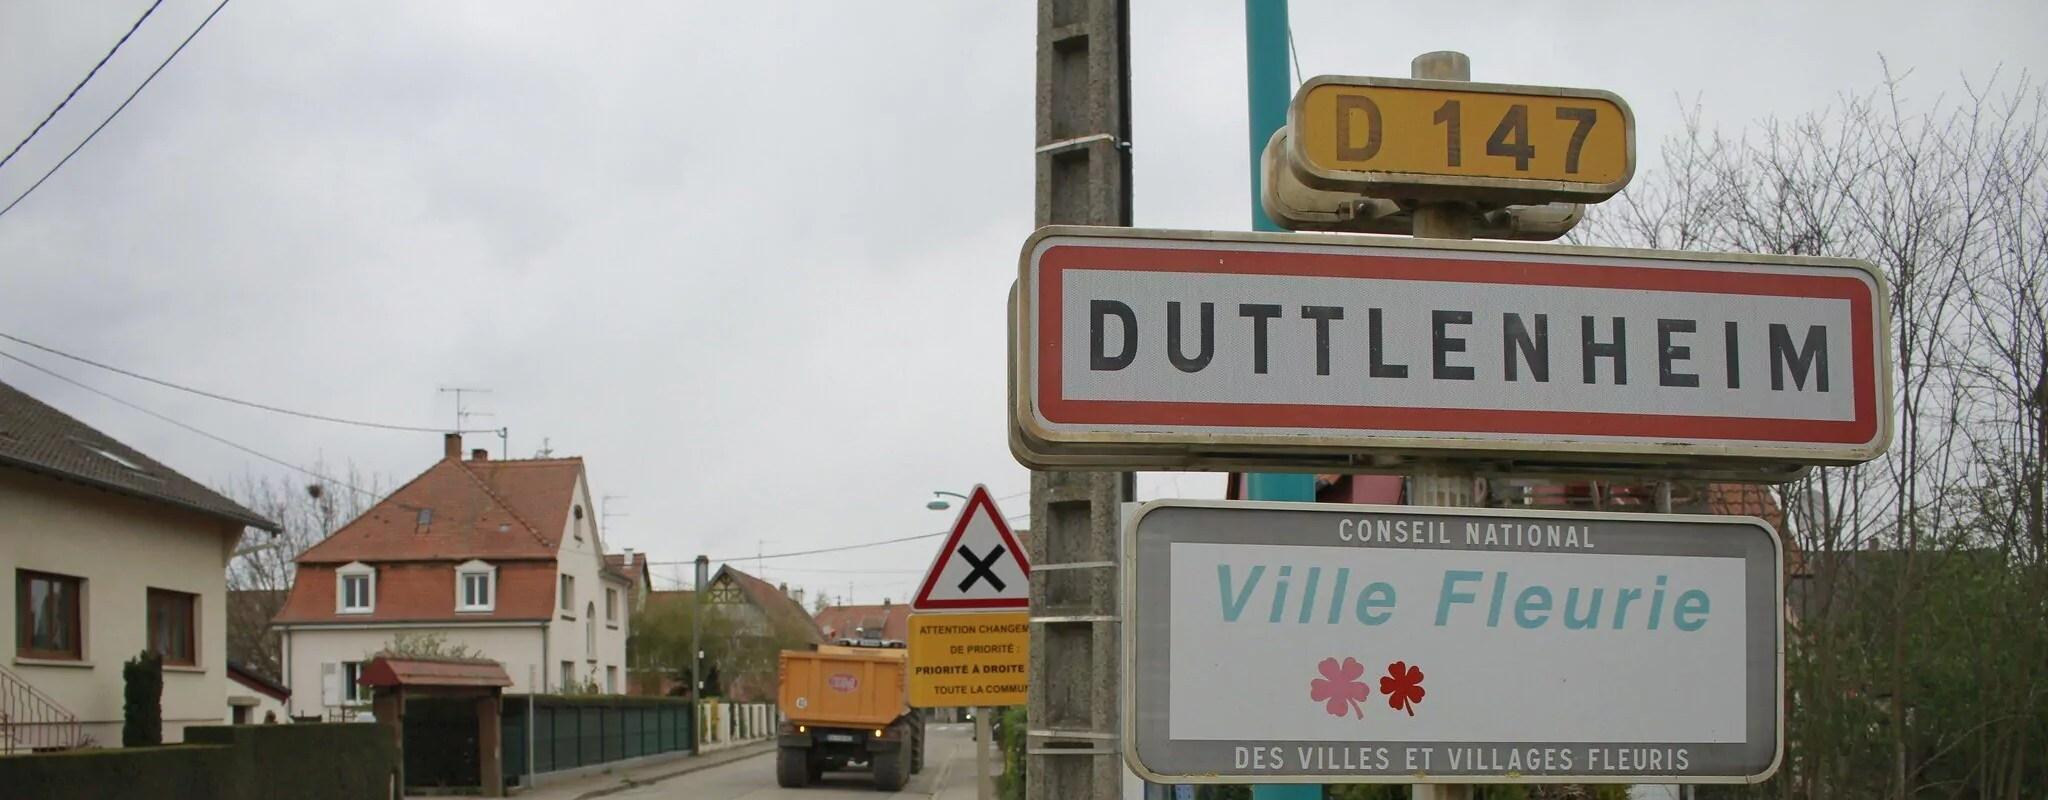 Plan d'urbanisme absent et effets collatéraux du GCO : élections sous tension à Duttlenheim